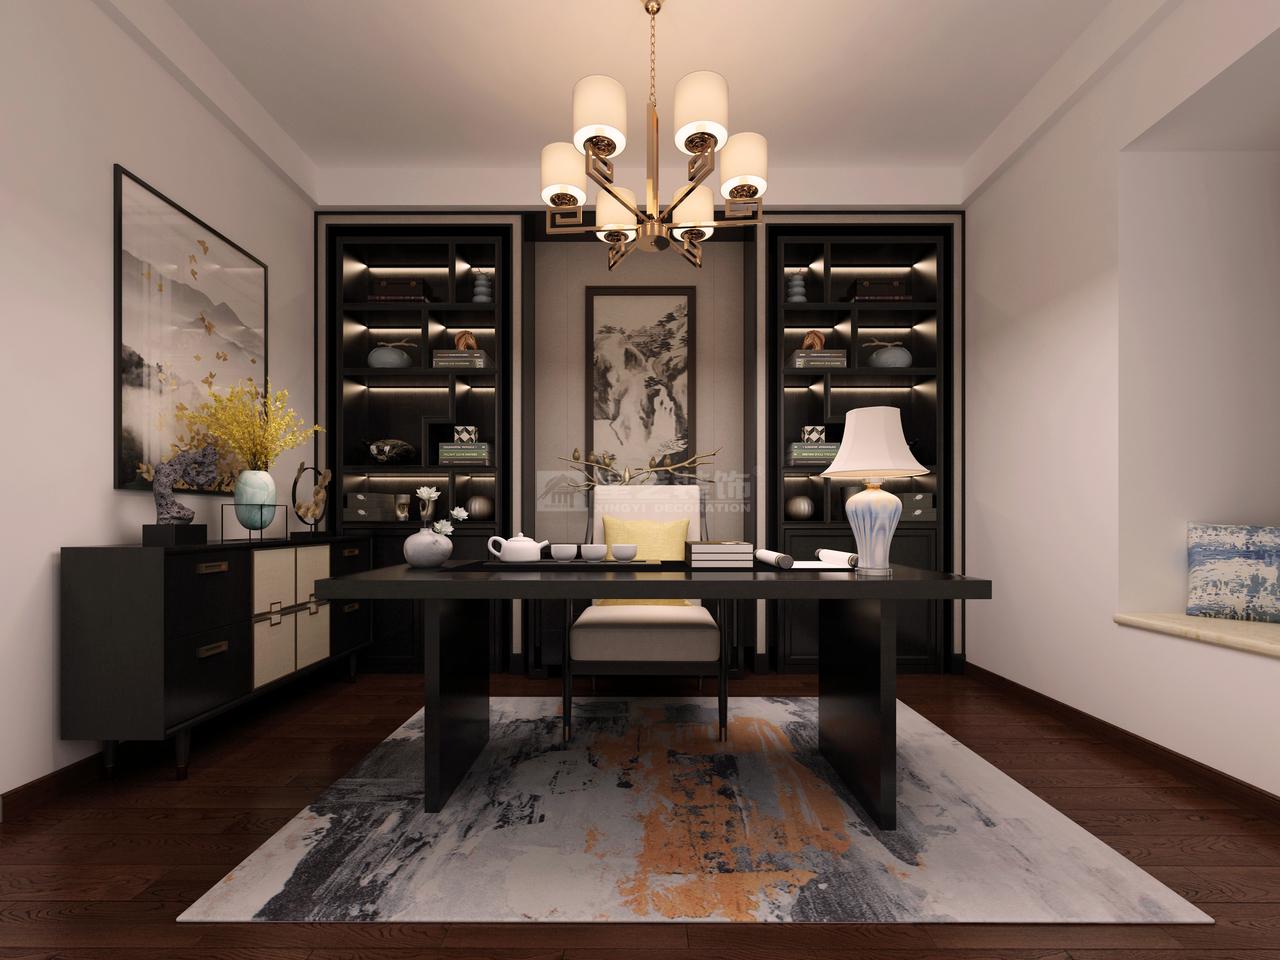 现代简约风格书房设计-现代简约风格,简约而不简单的设计!